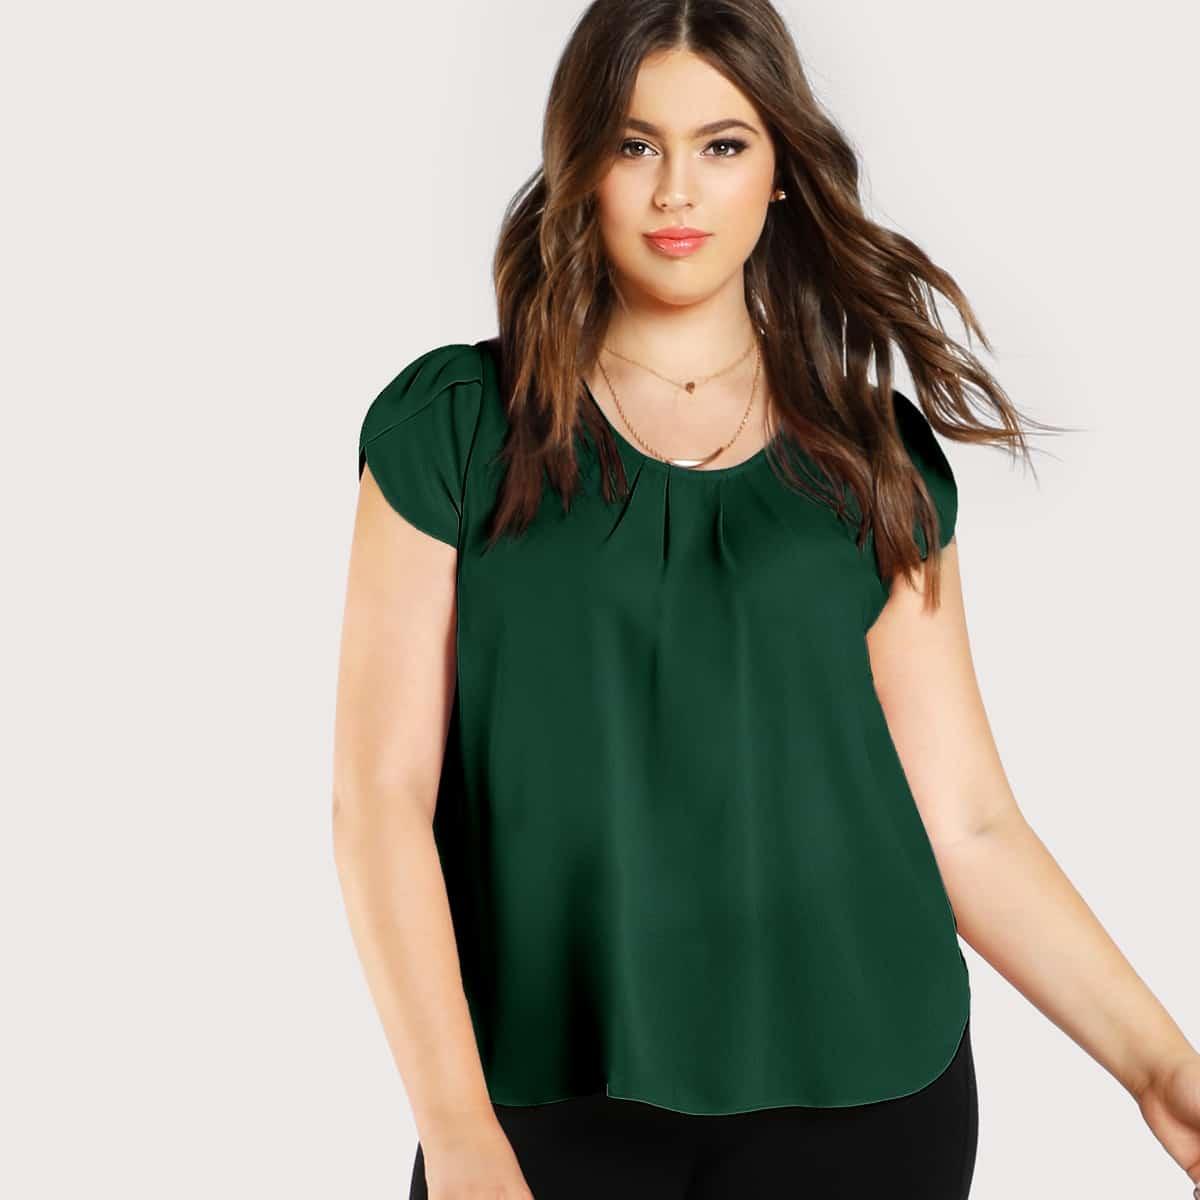 Groen Elegant Vlak Grote maten blouses Geplooide